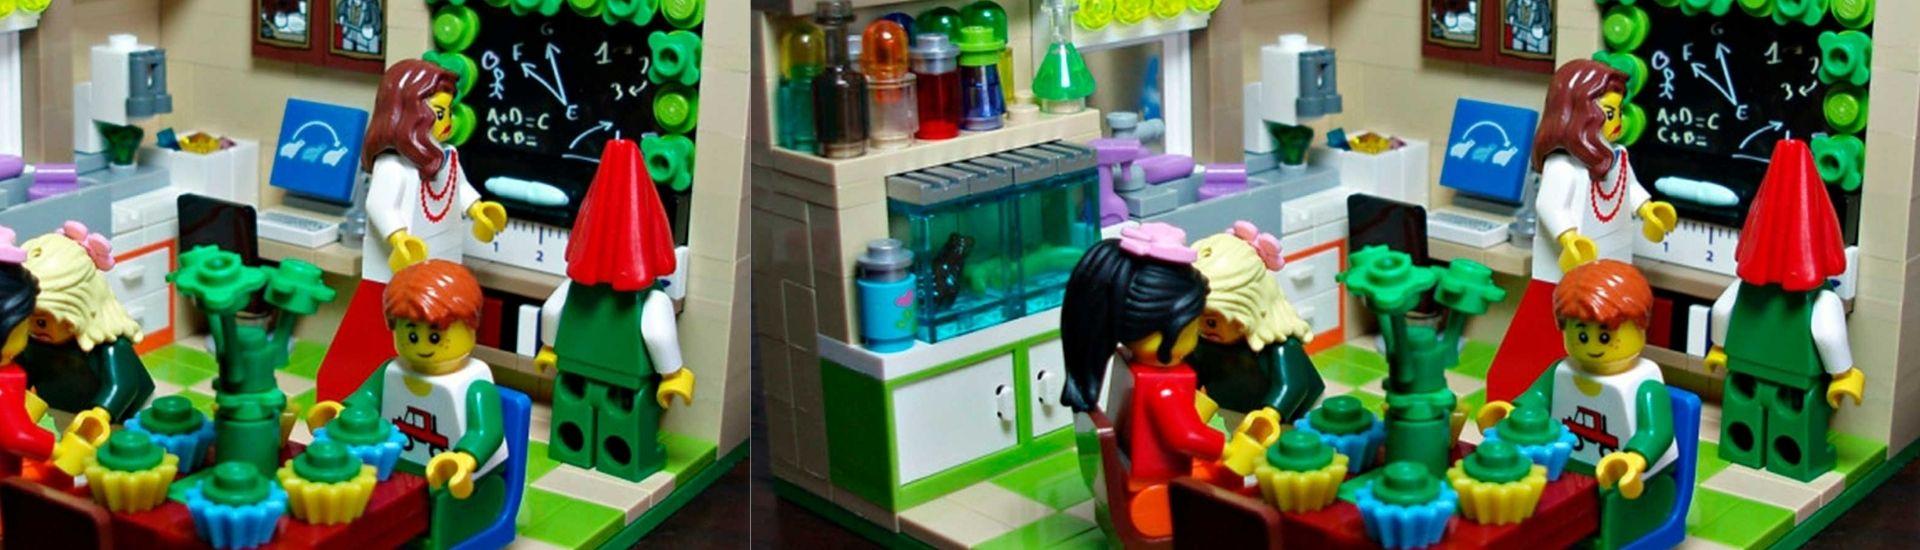 Legos recreando trabajo en rincones